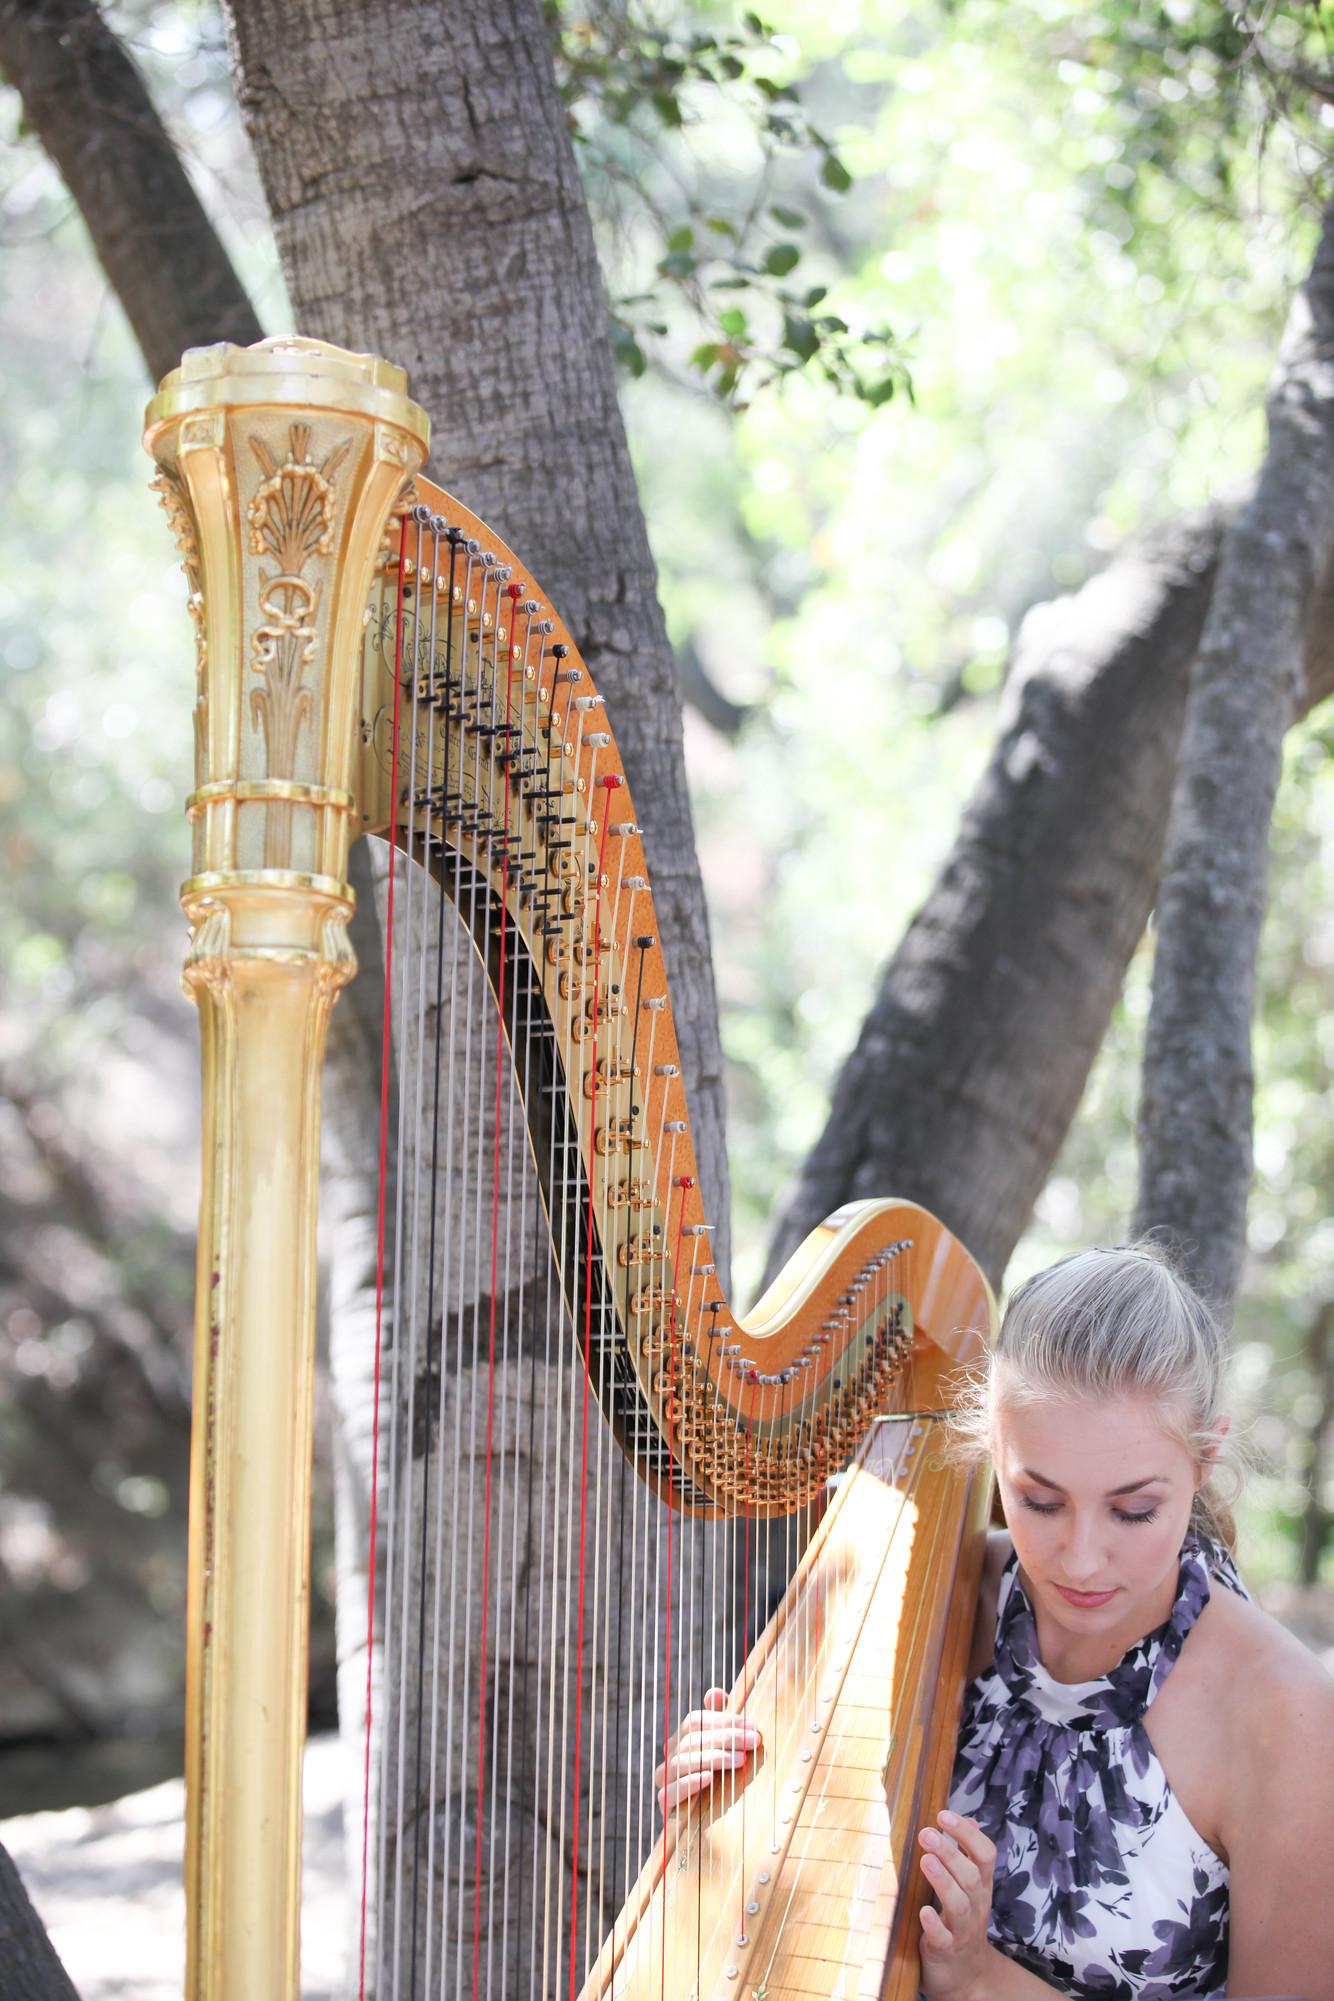 Wedding Music - Image by Wheeland photography